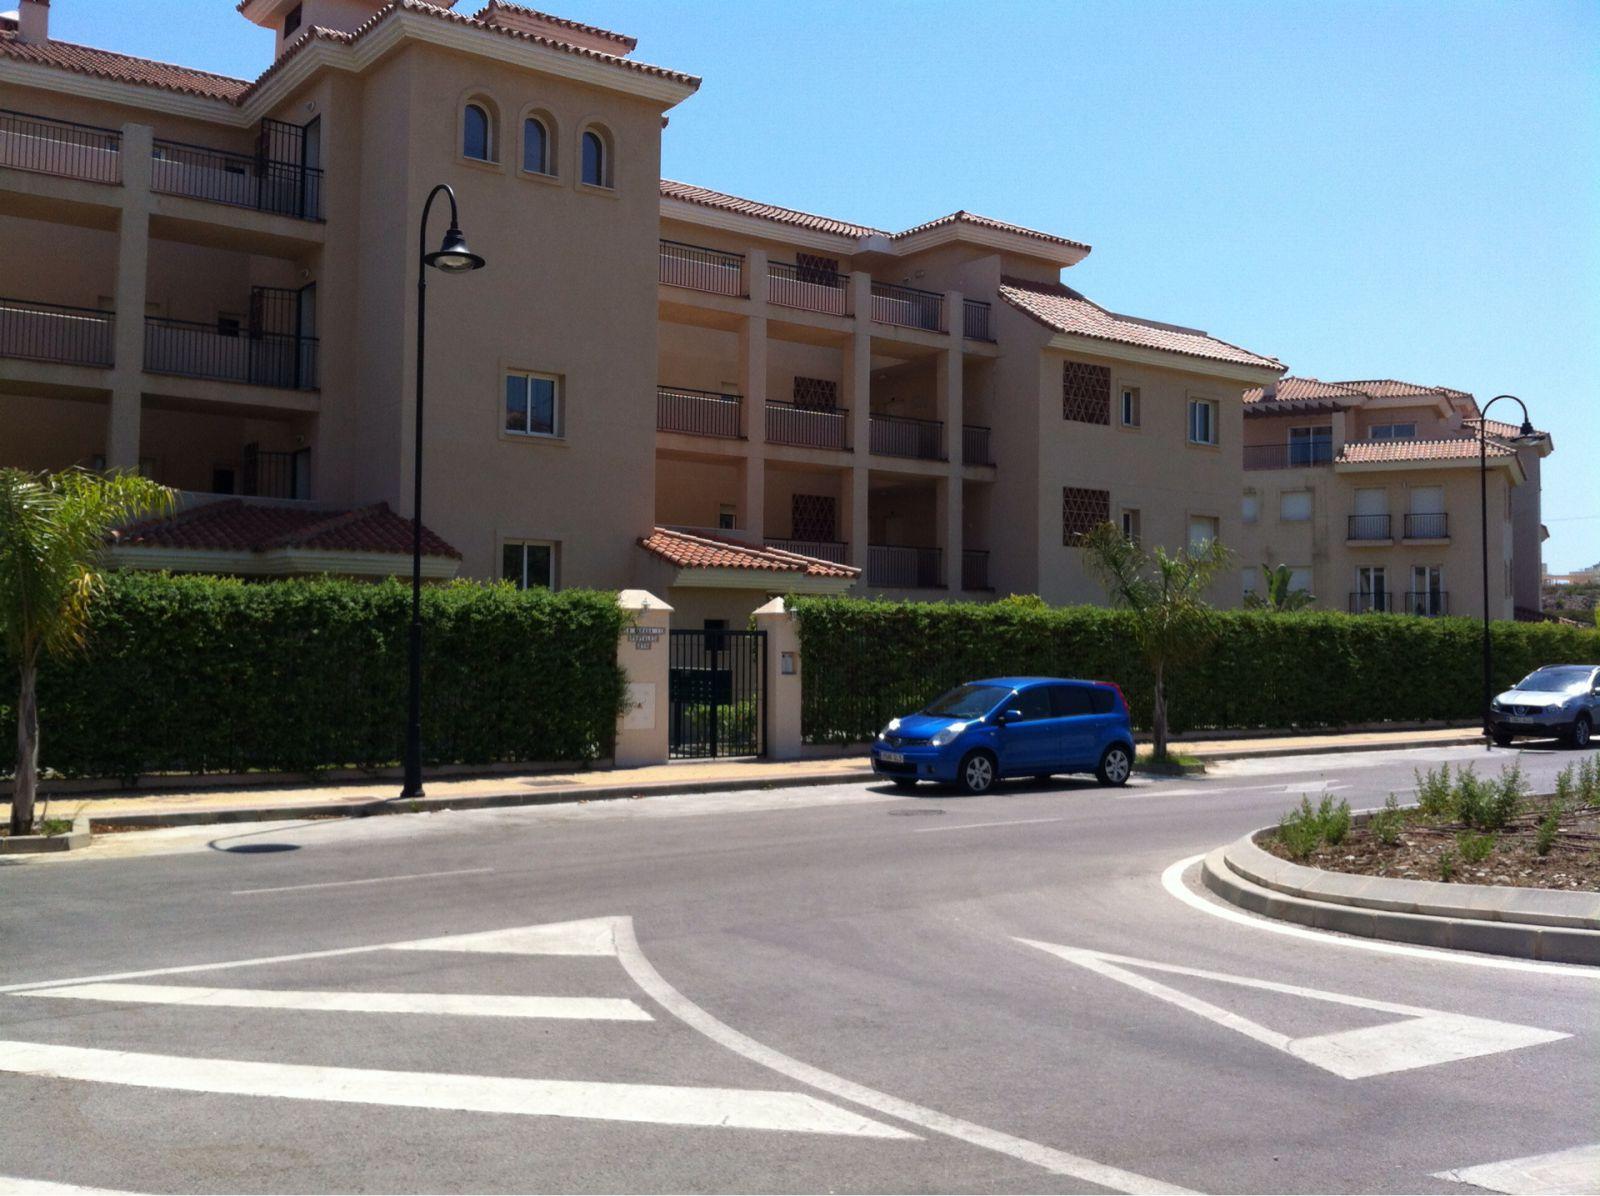 Купить жилье в испании в ипотеку